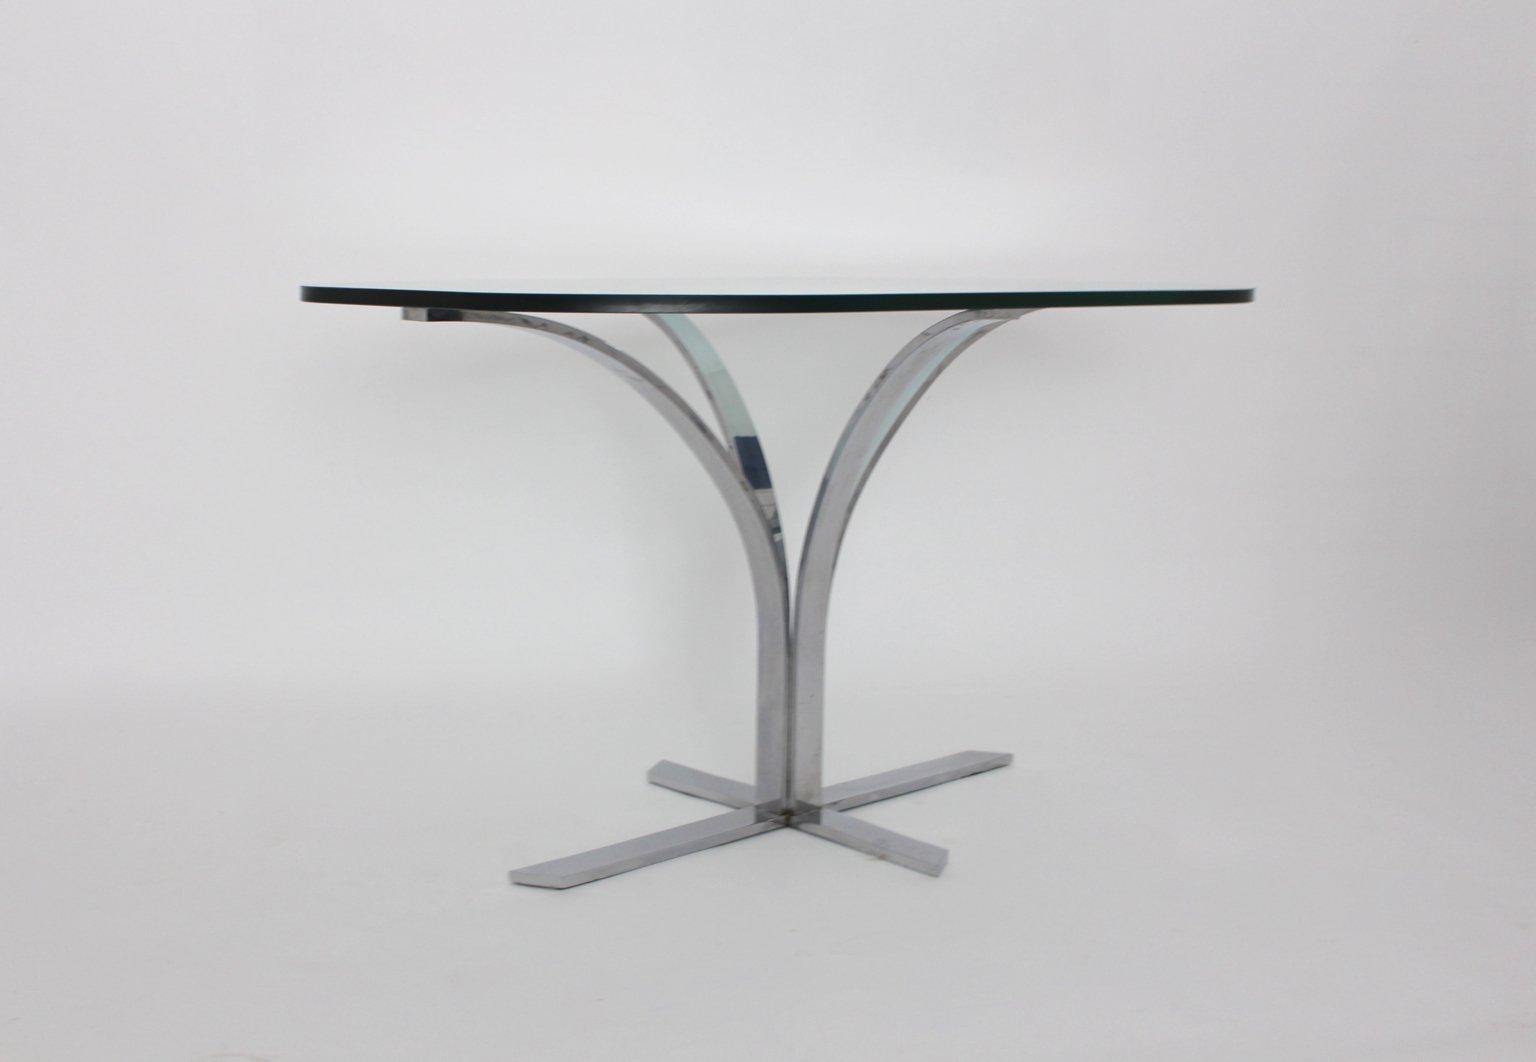 deutscher glas chrom esstisch 1960er bei pamono kaufen. Black Bedroom Furniture Sets. Home Design Ideas